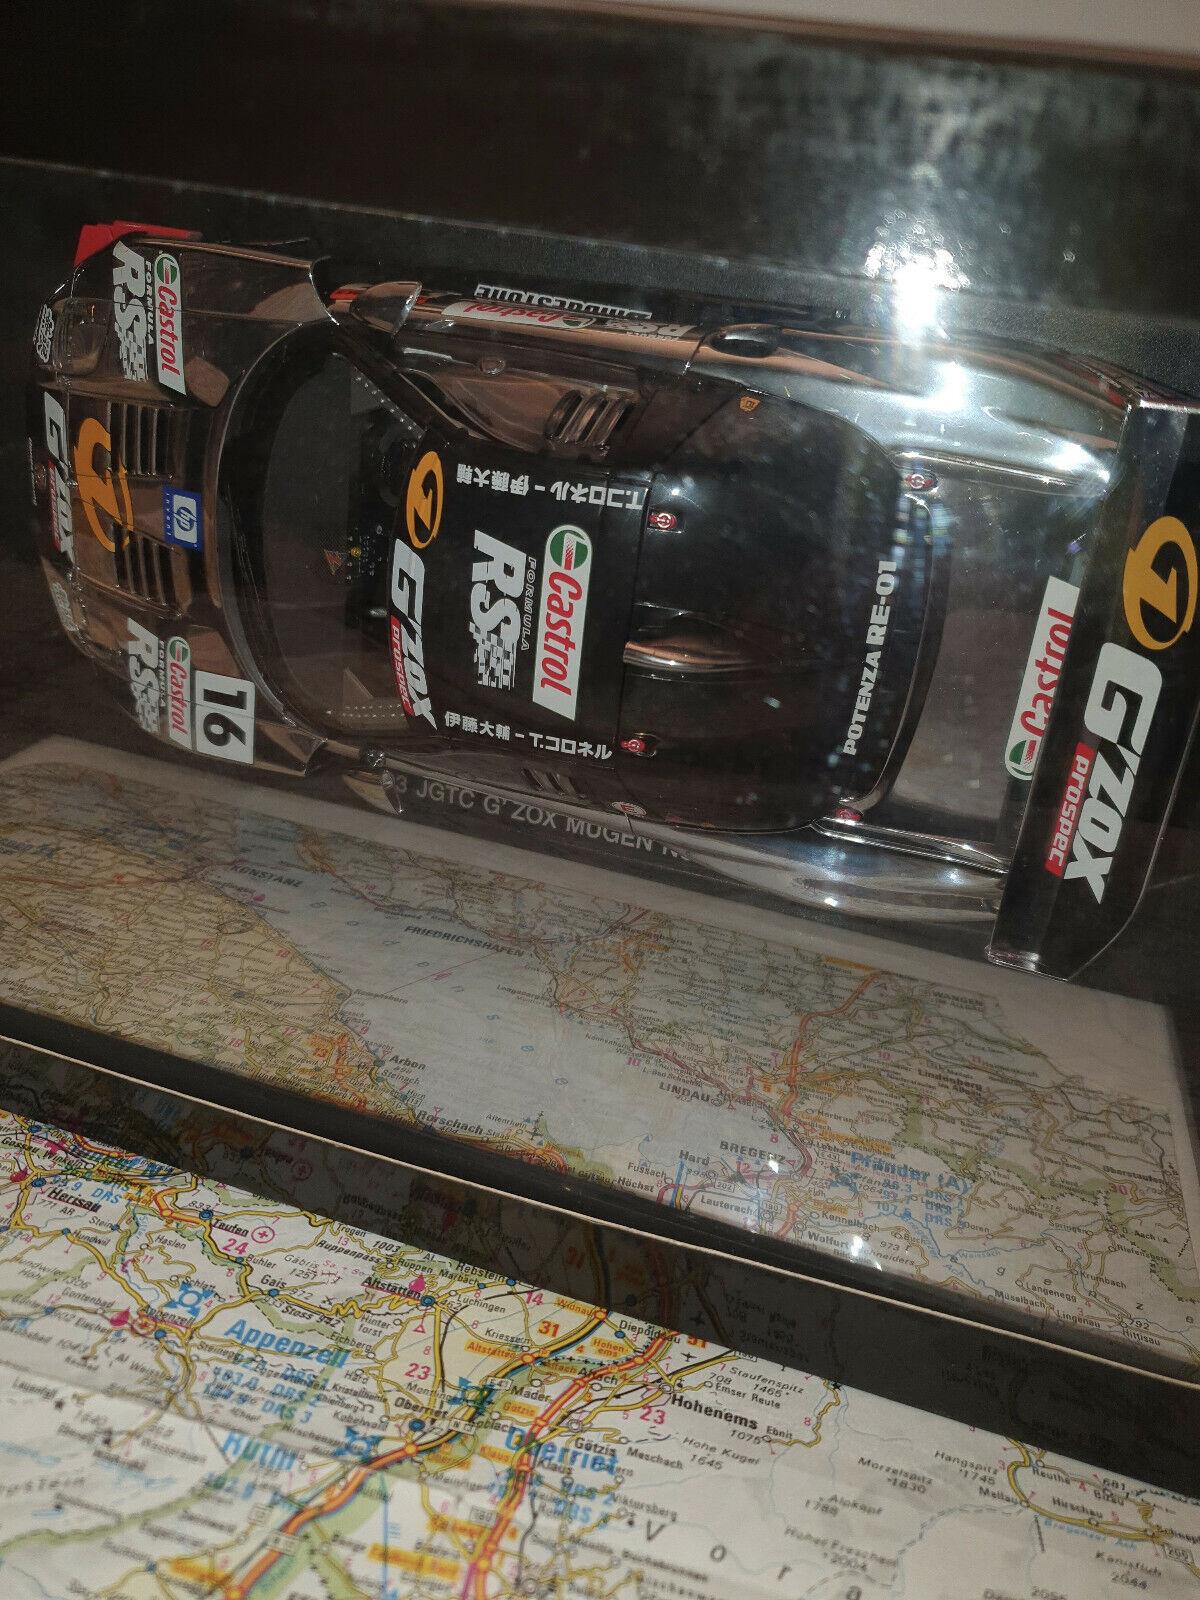 AUTOART HONDA 2003 JGTC G'ZOX MUGEN NXS  16  ART.80397 1 18  NEW Rare